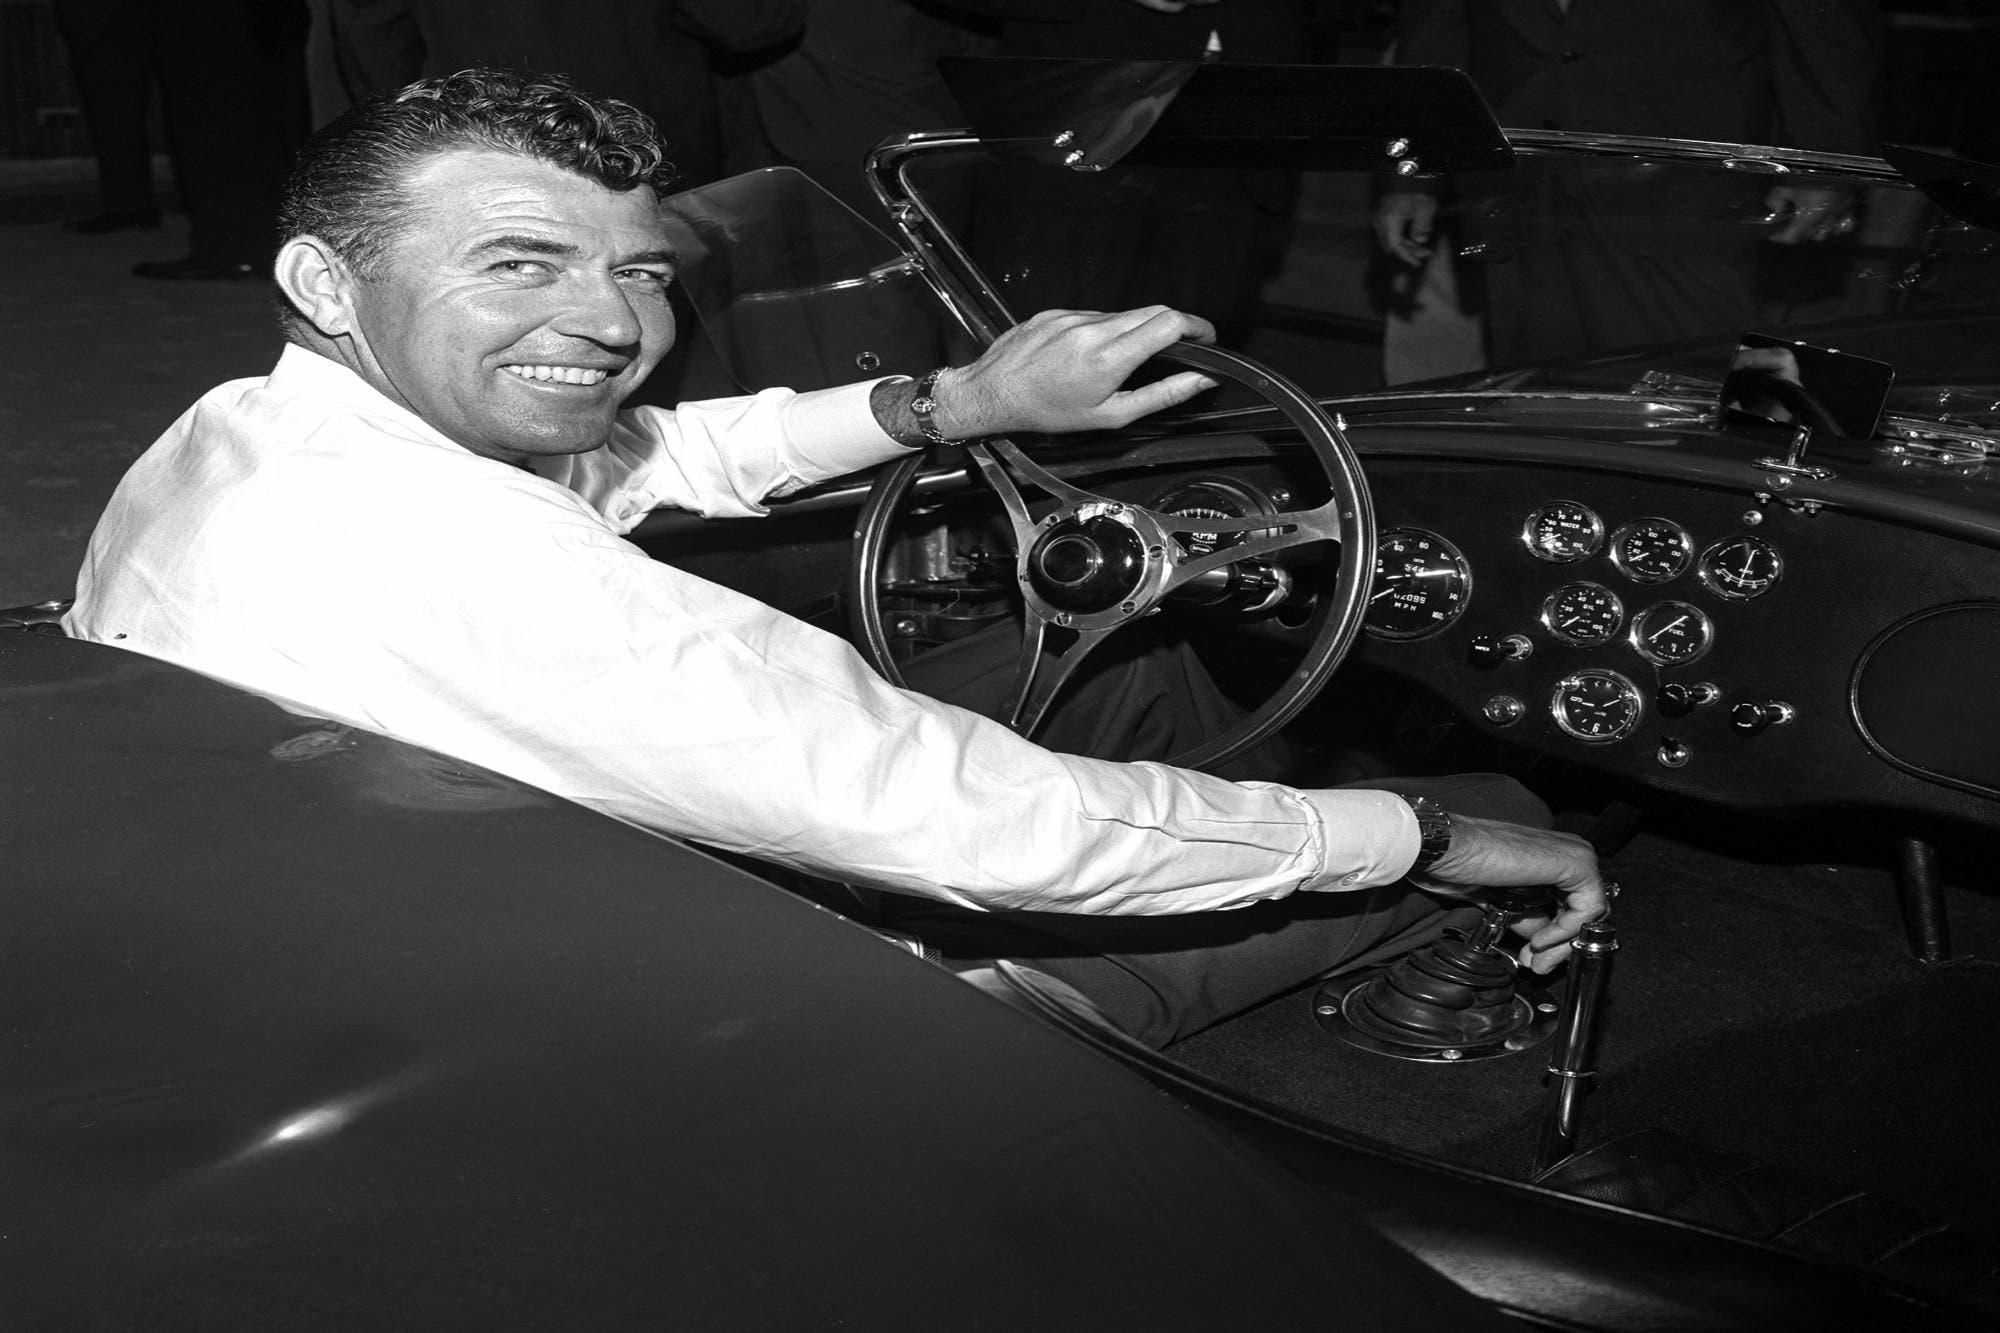 El Misterio De Le Mans 66 8 Metros Entre La Gloria Y La